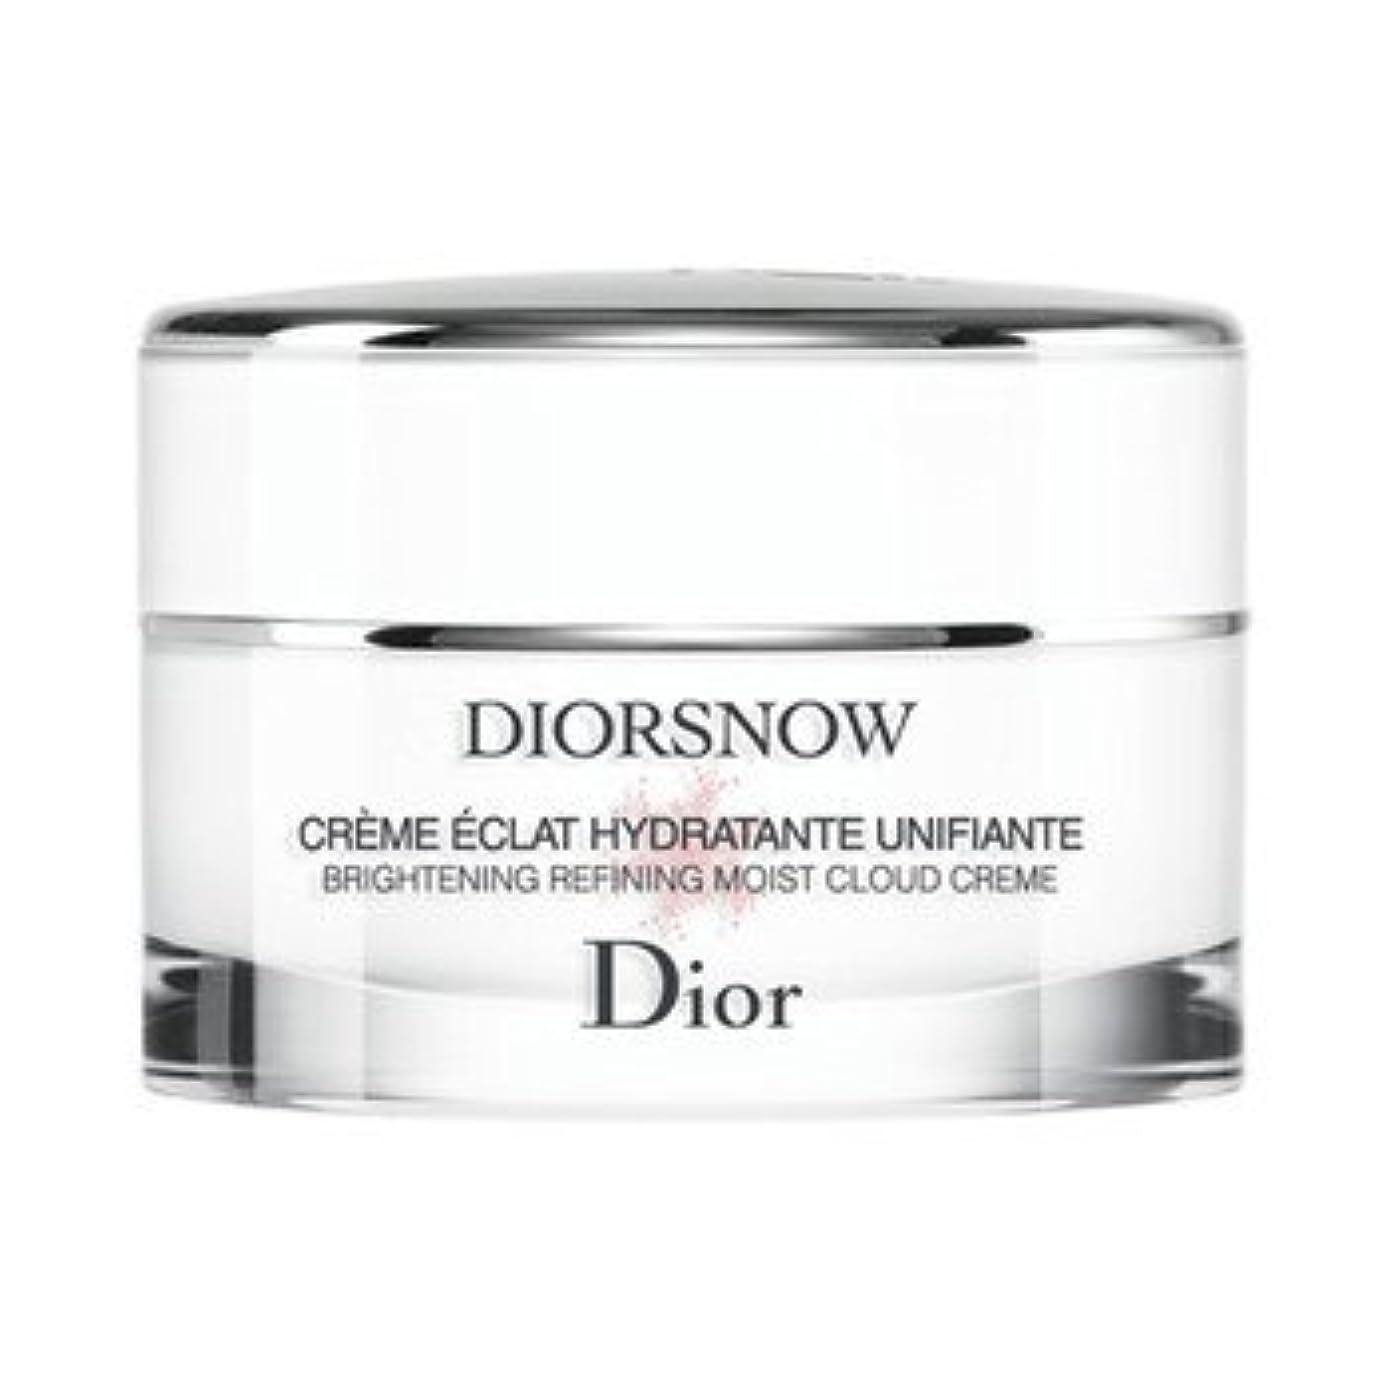 価値可能性としてChiristian Dior クリスチャン ディオール DIOR SNOW ディオール スノー ブライトニング モイスト クリーム 50ml (医薬部外品)【国内正規品】